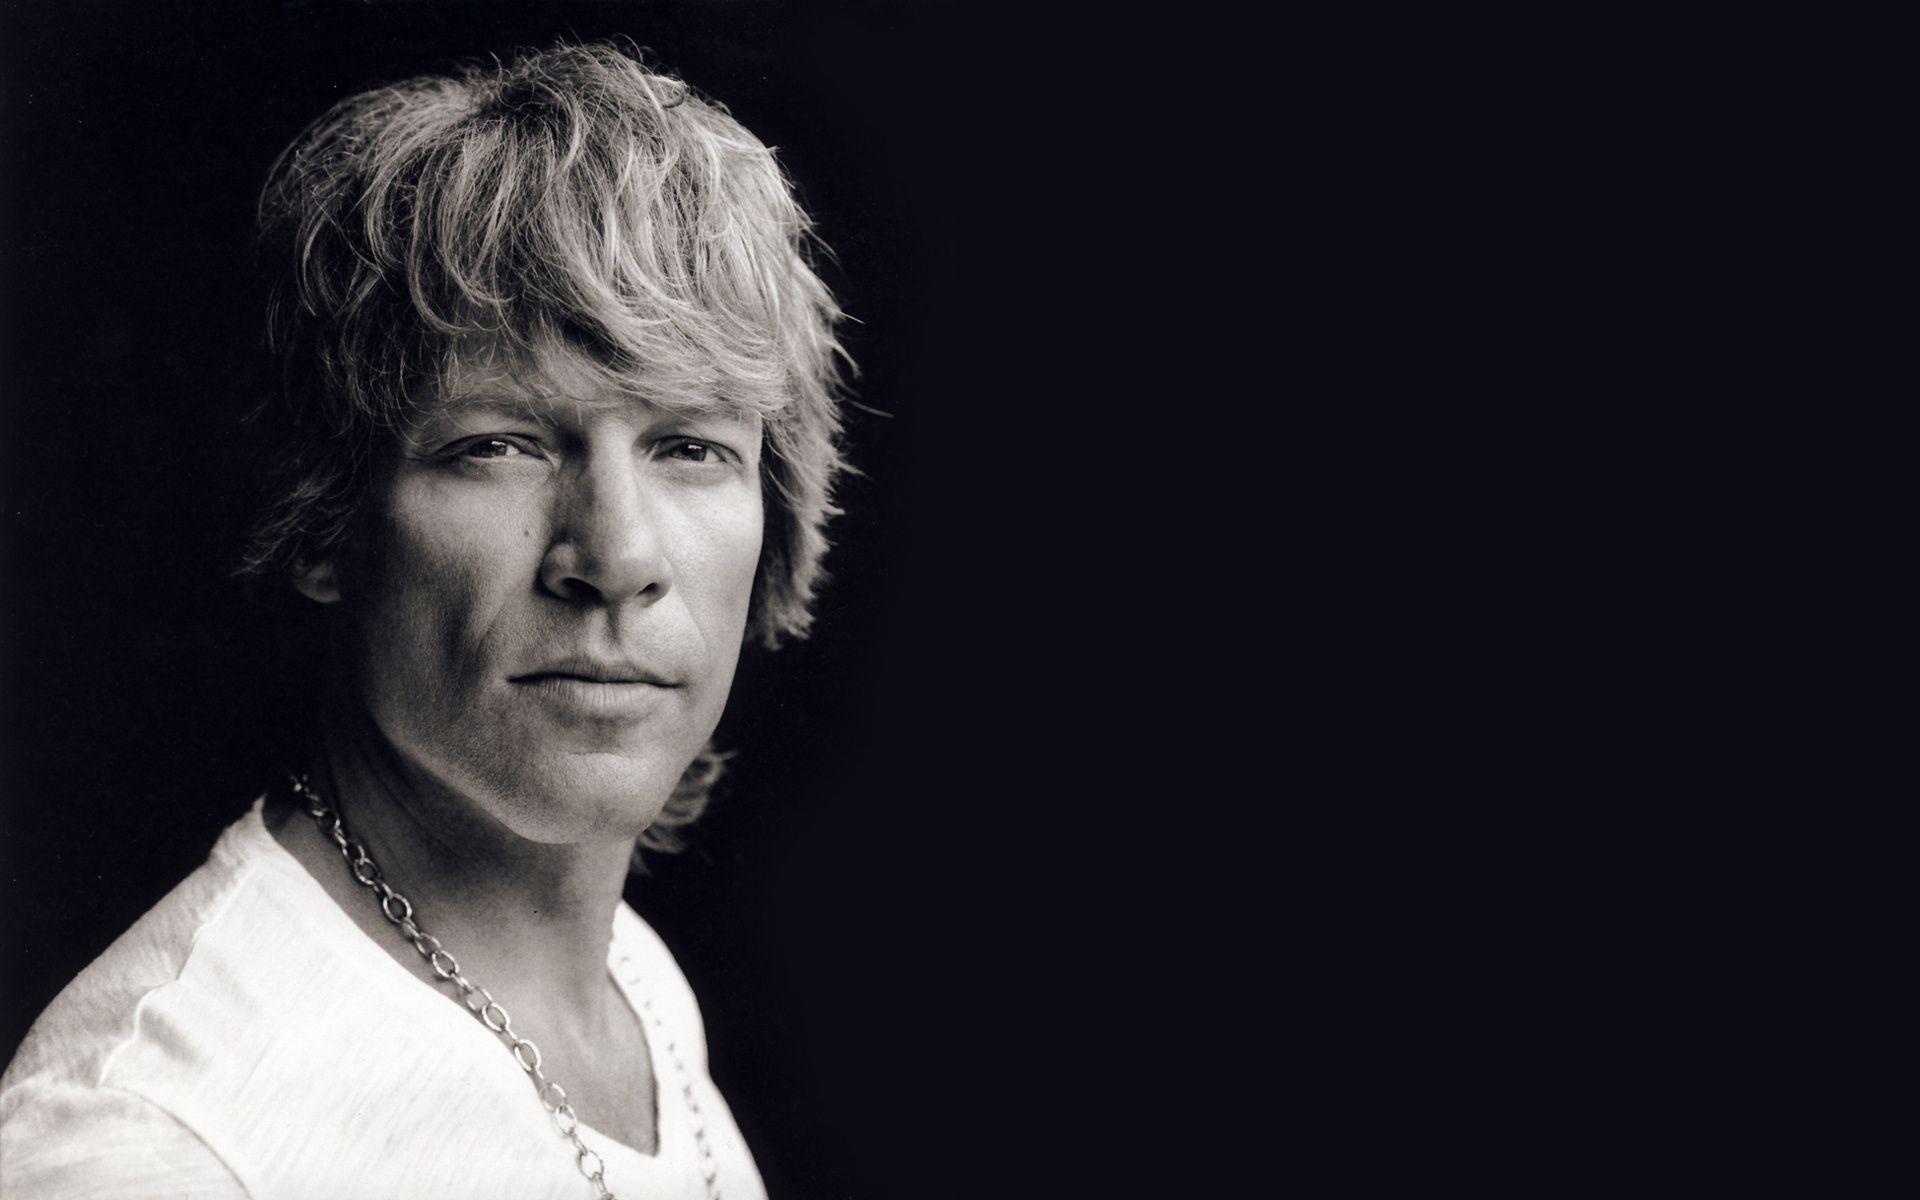 Jon Bon Jovi Wallpapers hd